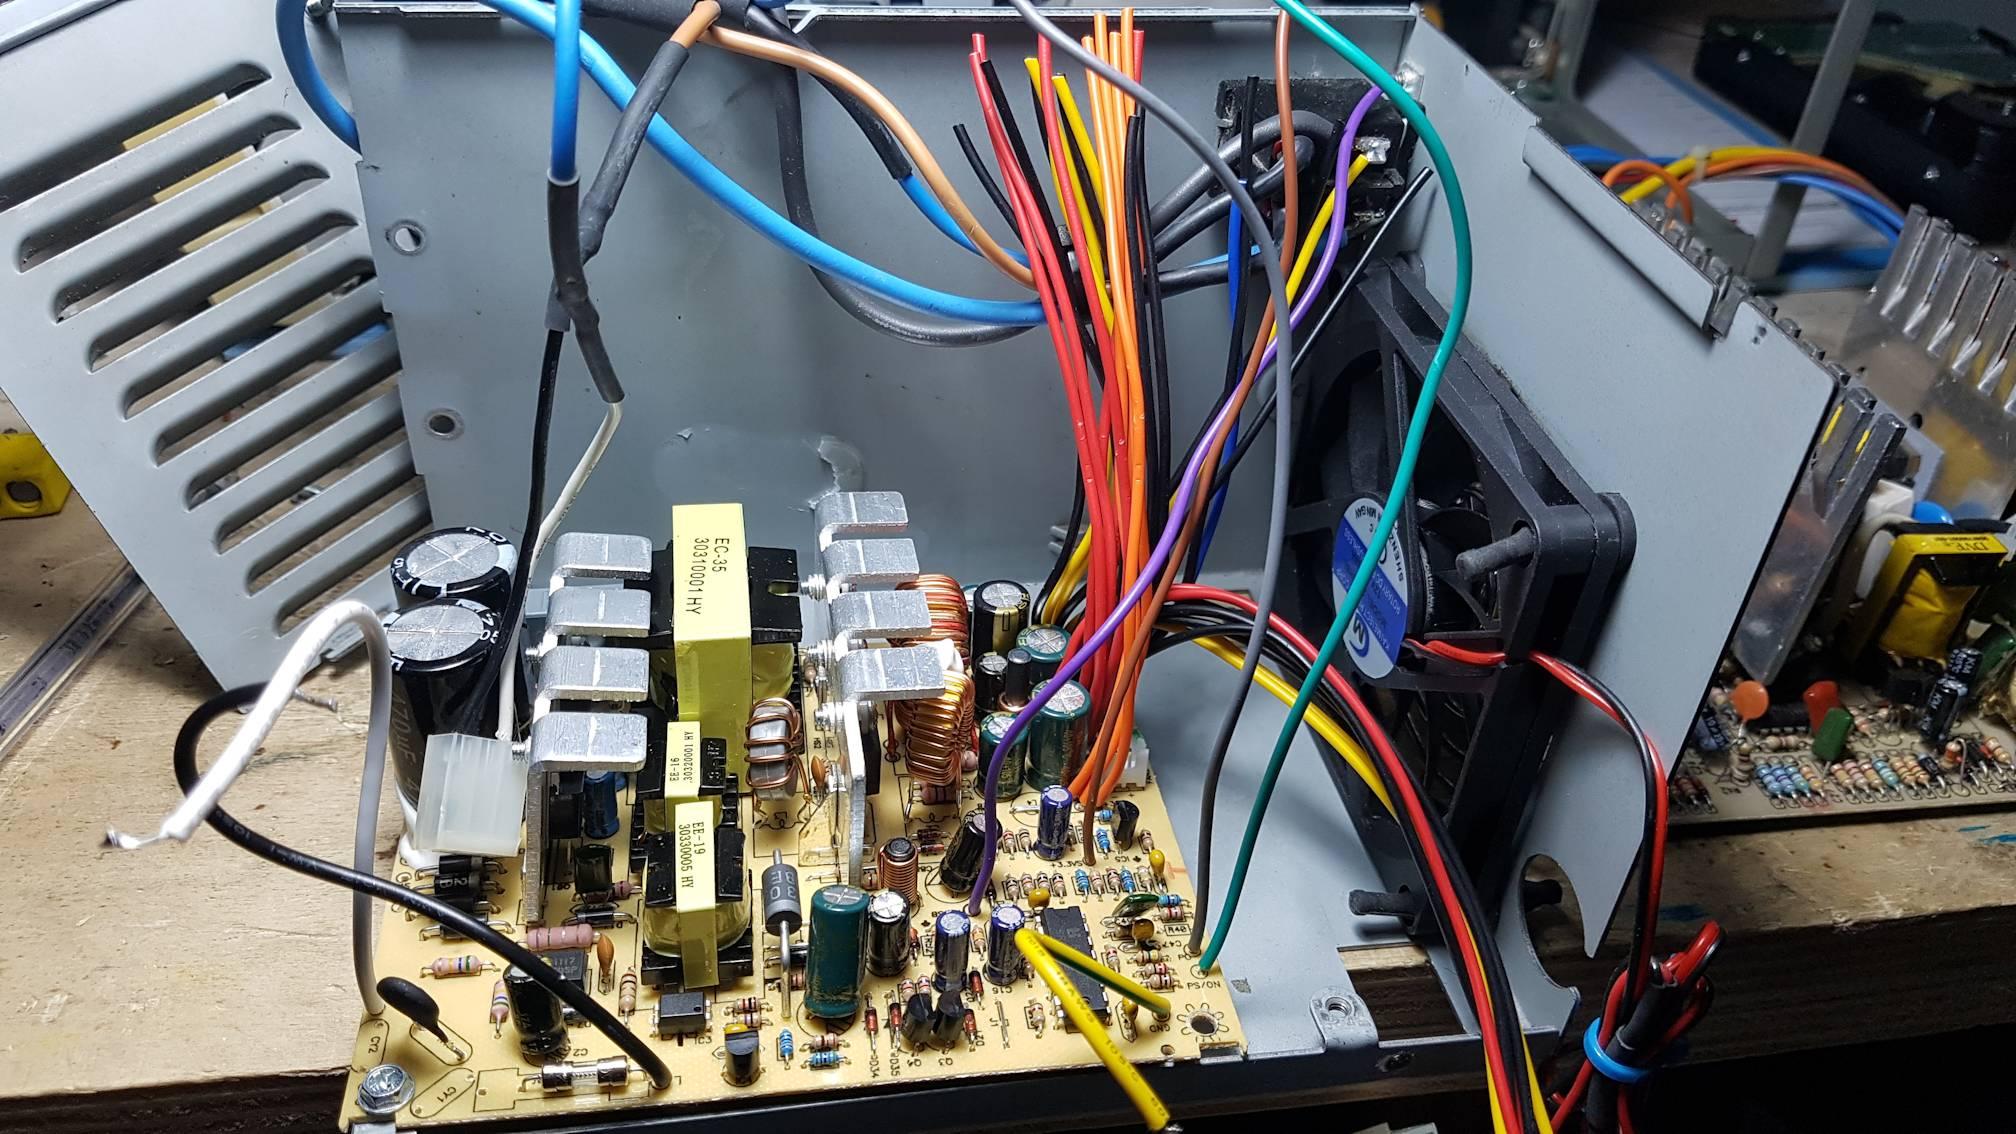 Posizionamento della nuova elettronica ATX